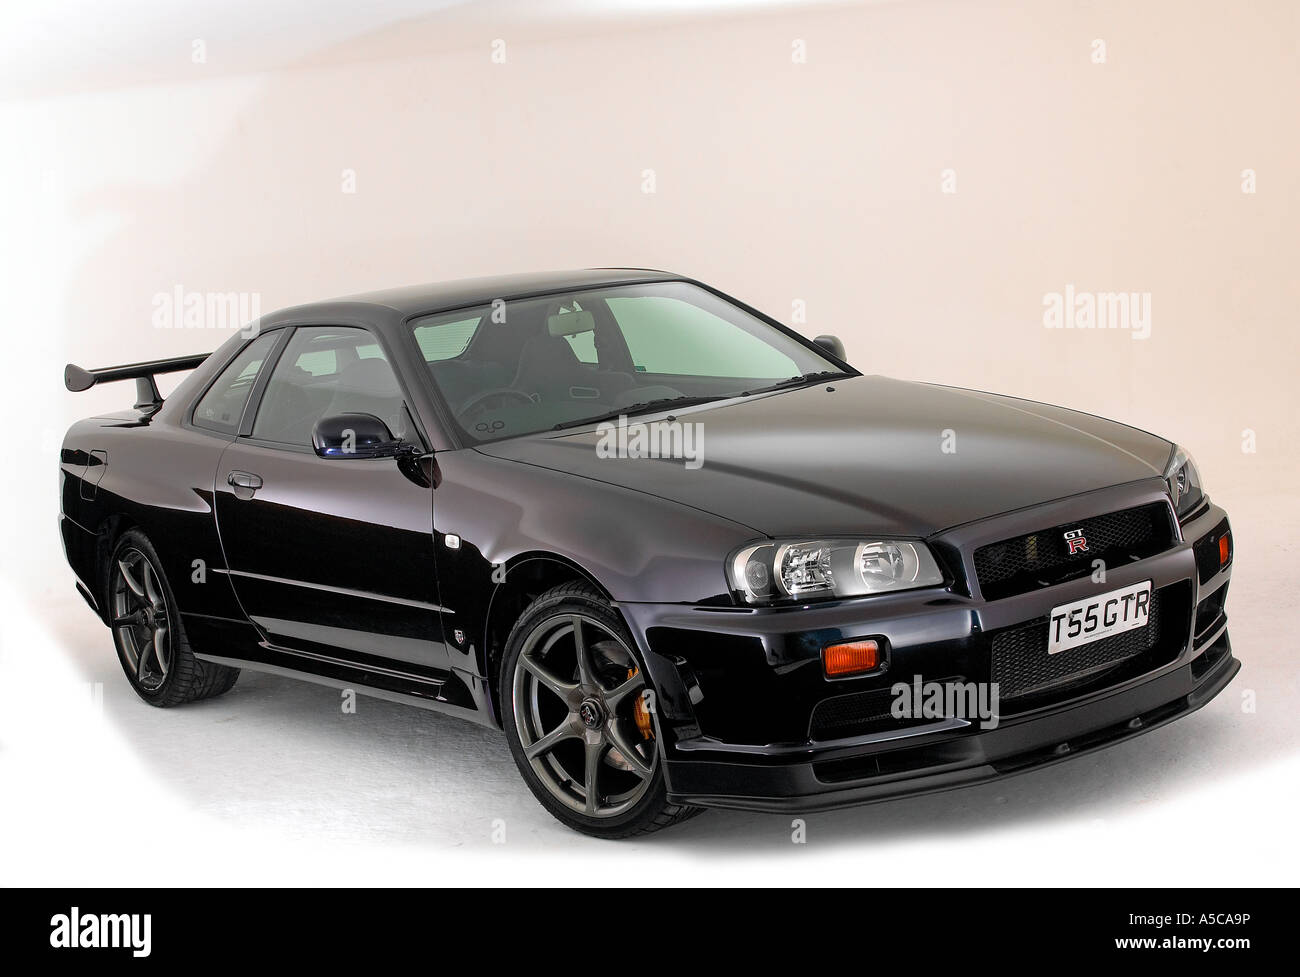 1999 Nissan Skyline GTR 34   Stock Image